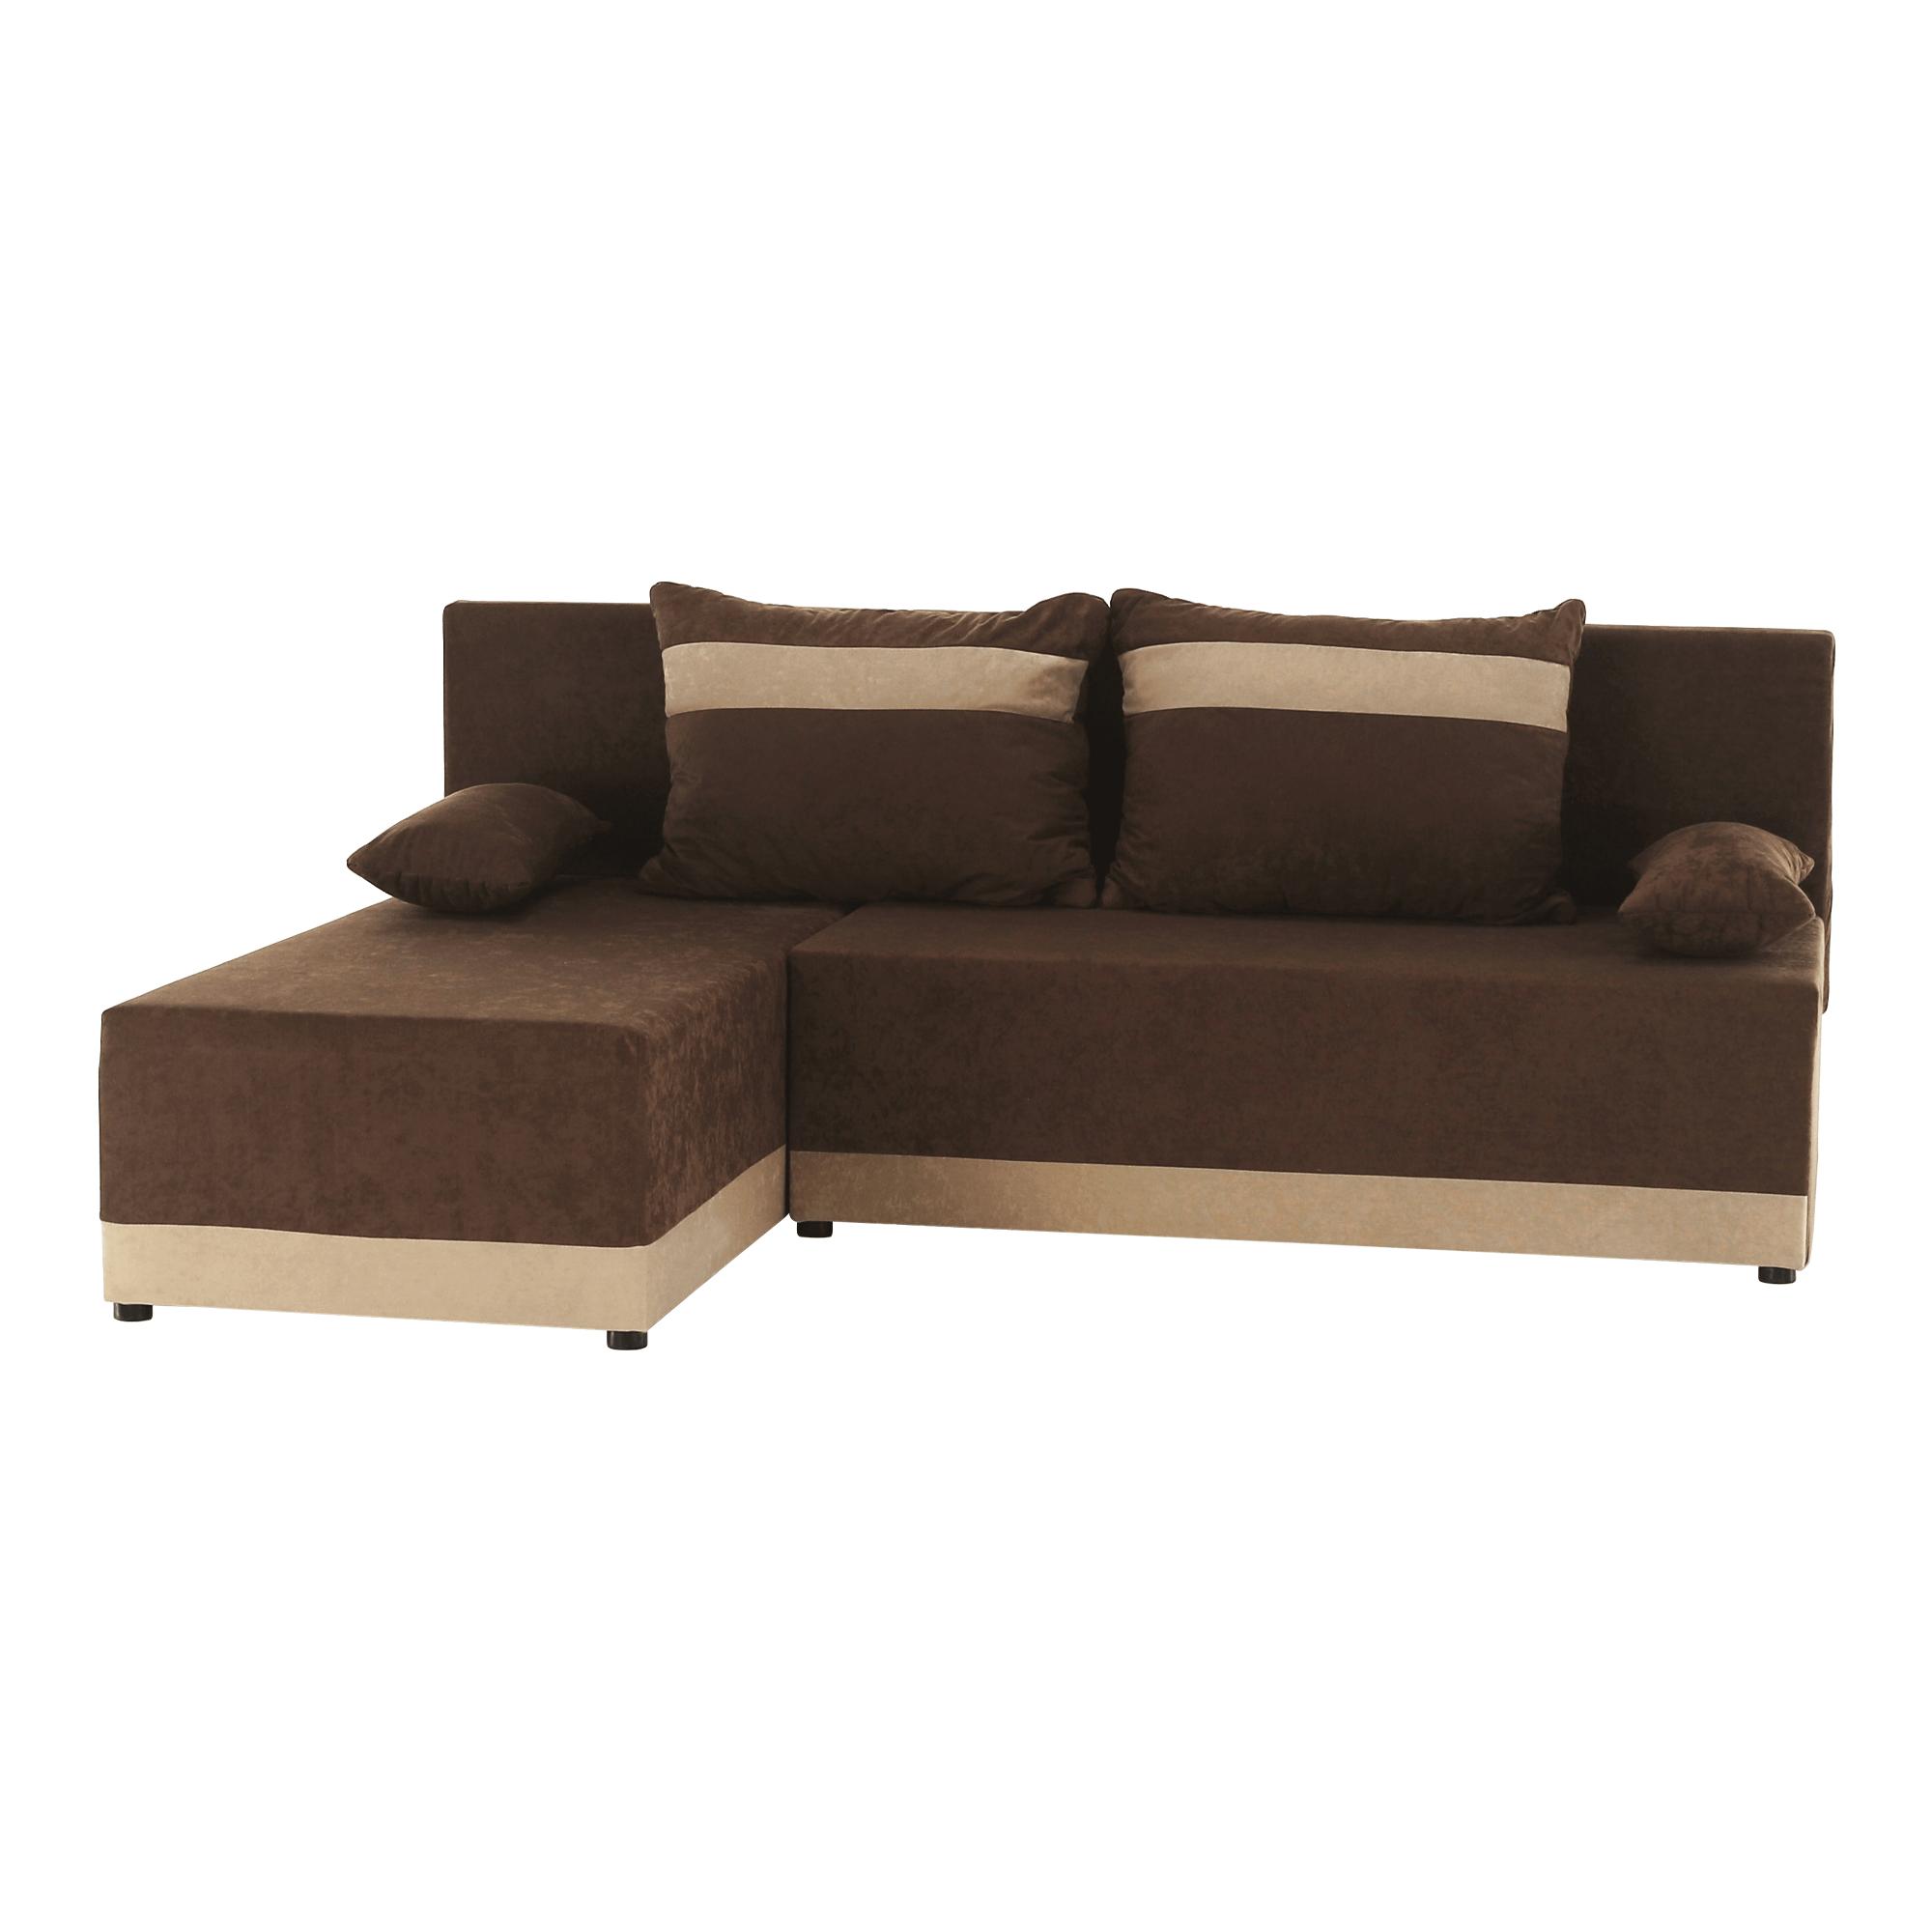 Univerzális ülőgarnitúra, barna/bézs, ROMAND